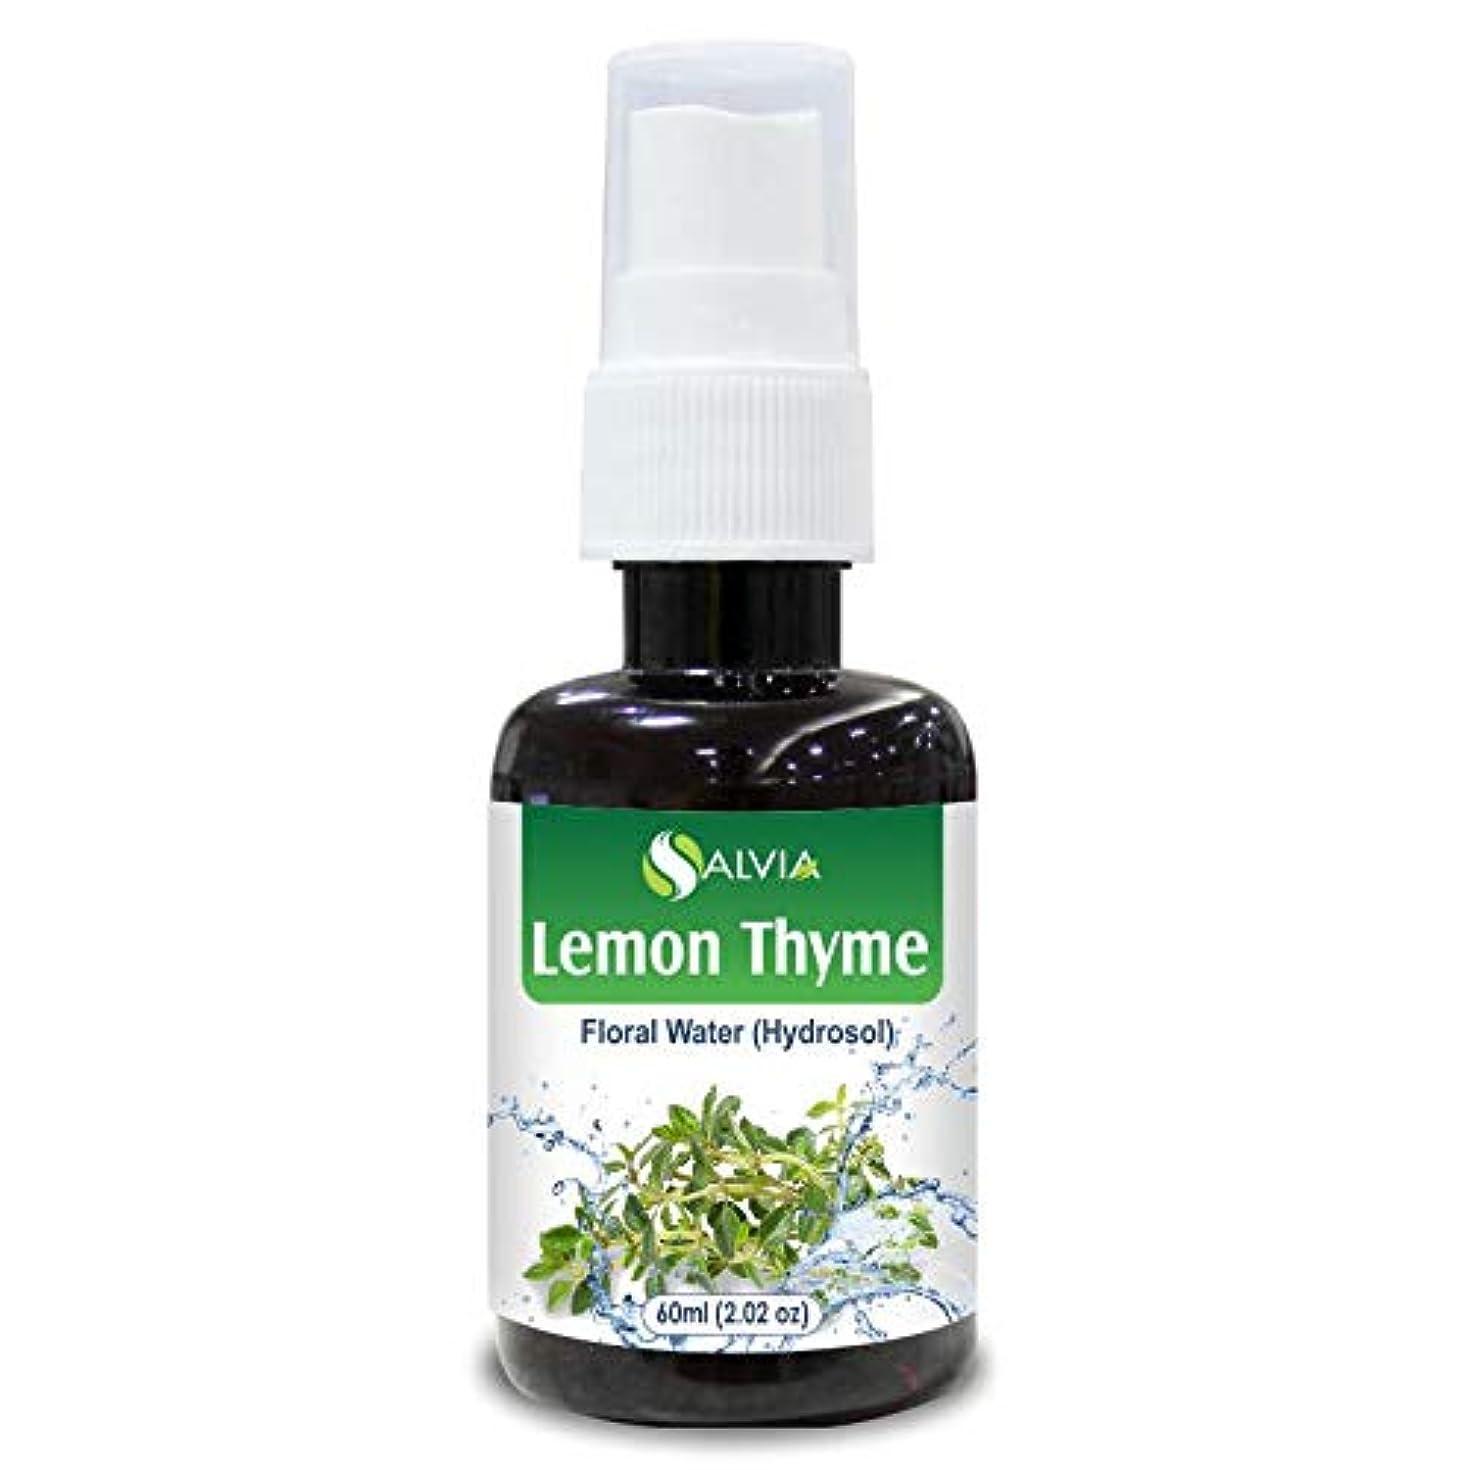 元に戻す安全草Lemon Thyme Floral Water 60ml (Hydrosol) 100% Pure And Natural